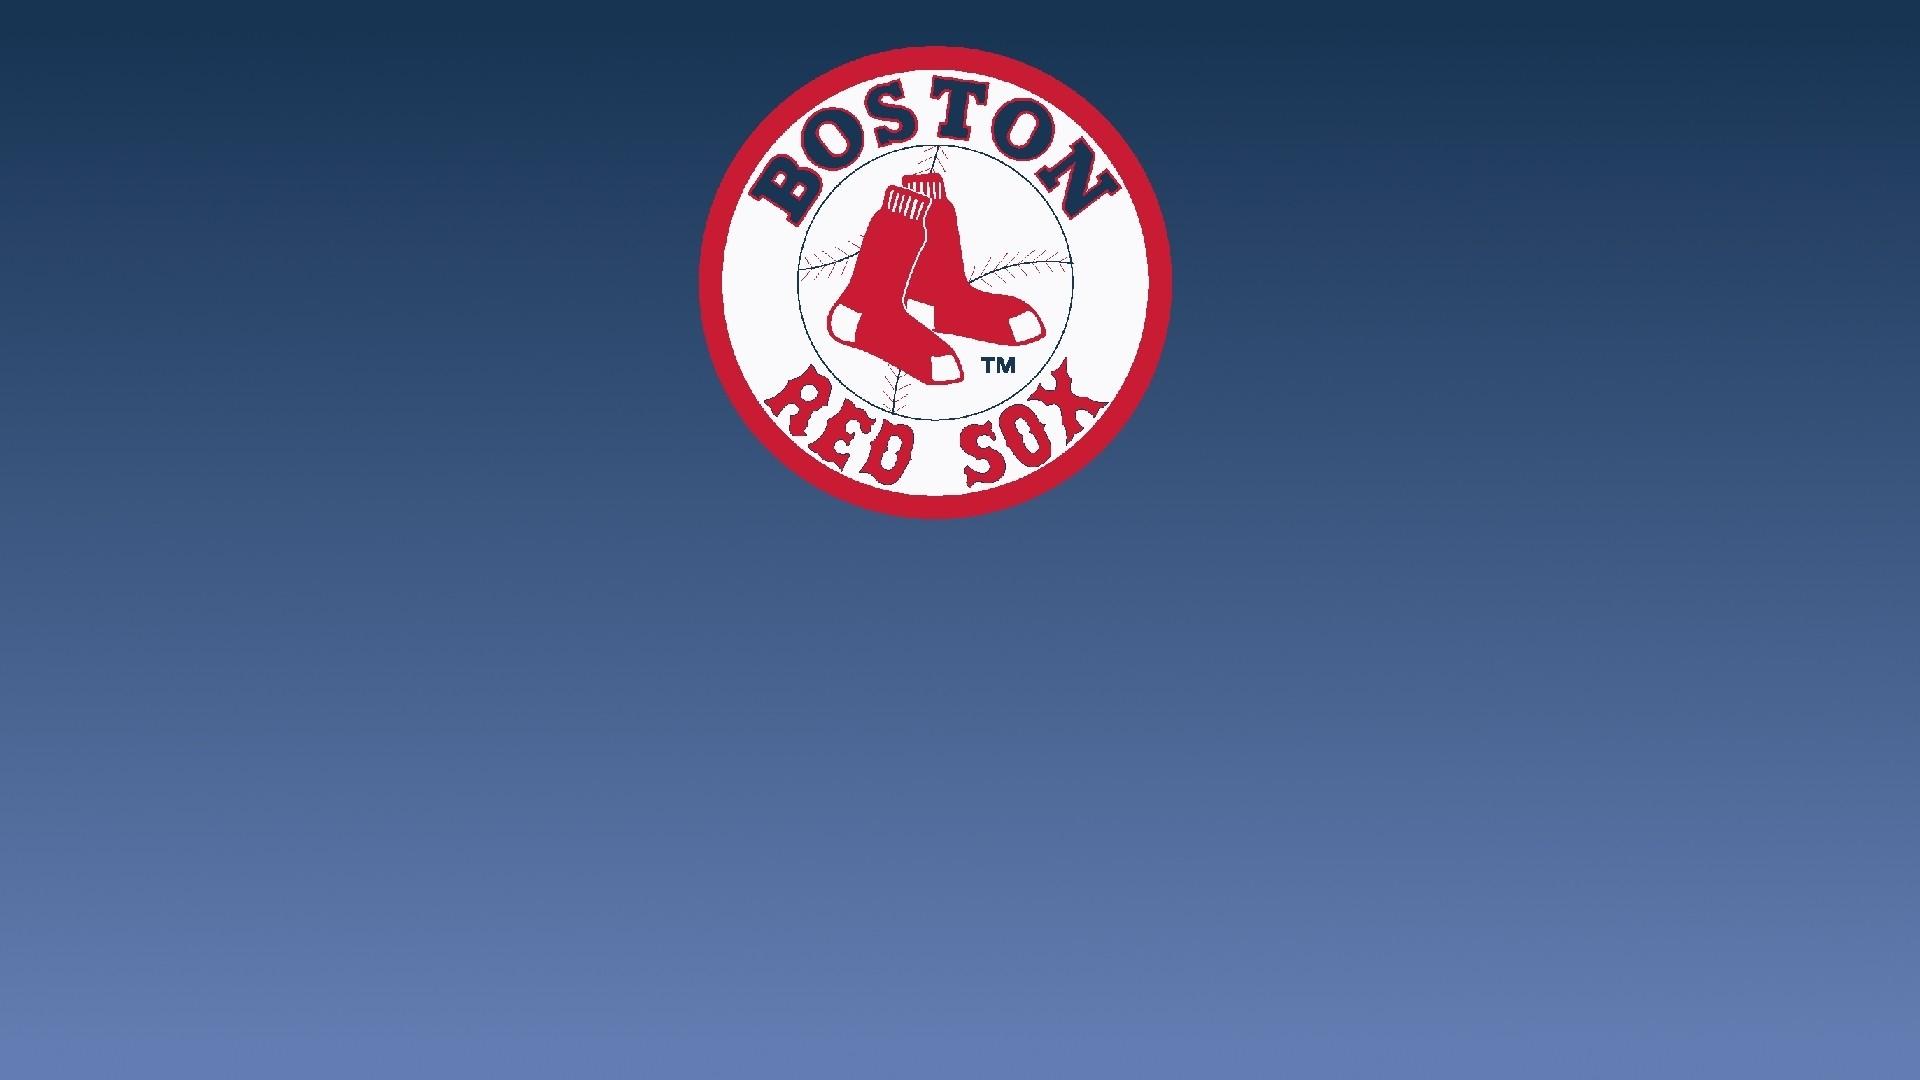 Red Sox wallpaper